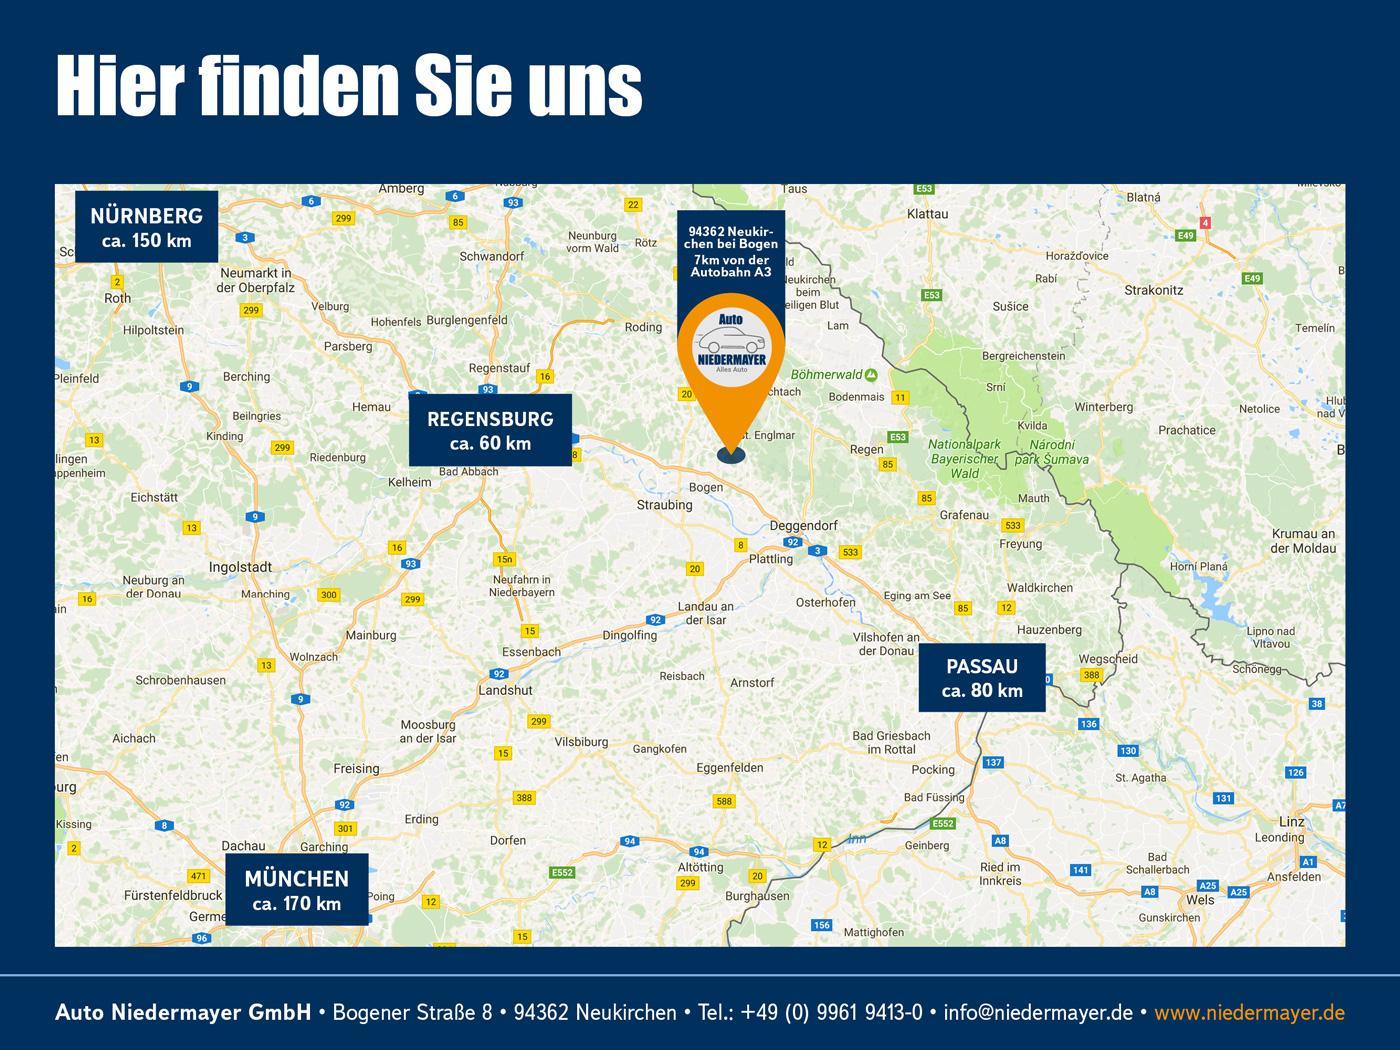 SKODA KODIAQ RS 2.0 TDI DSG 4x4, AHK, Standheizung, Side Assist, KESSY Auto Niedermayer B2B, D-94362 Neukirchen